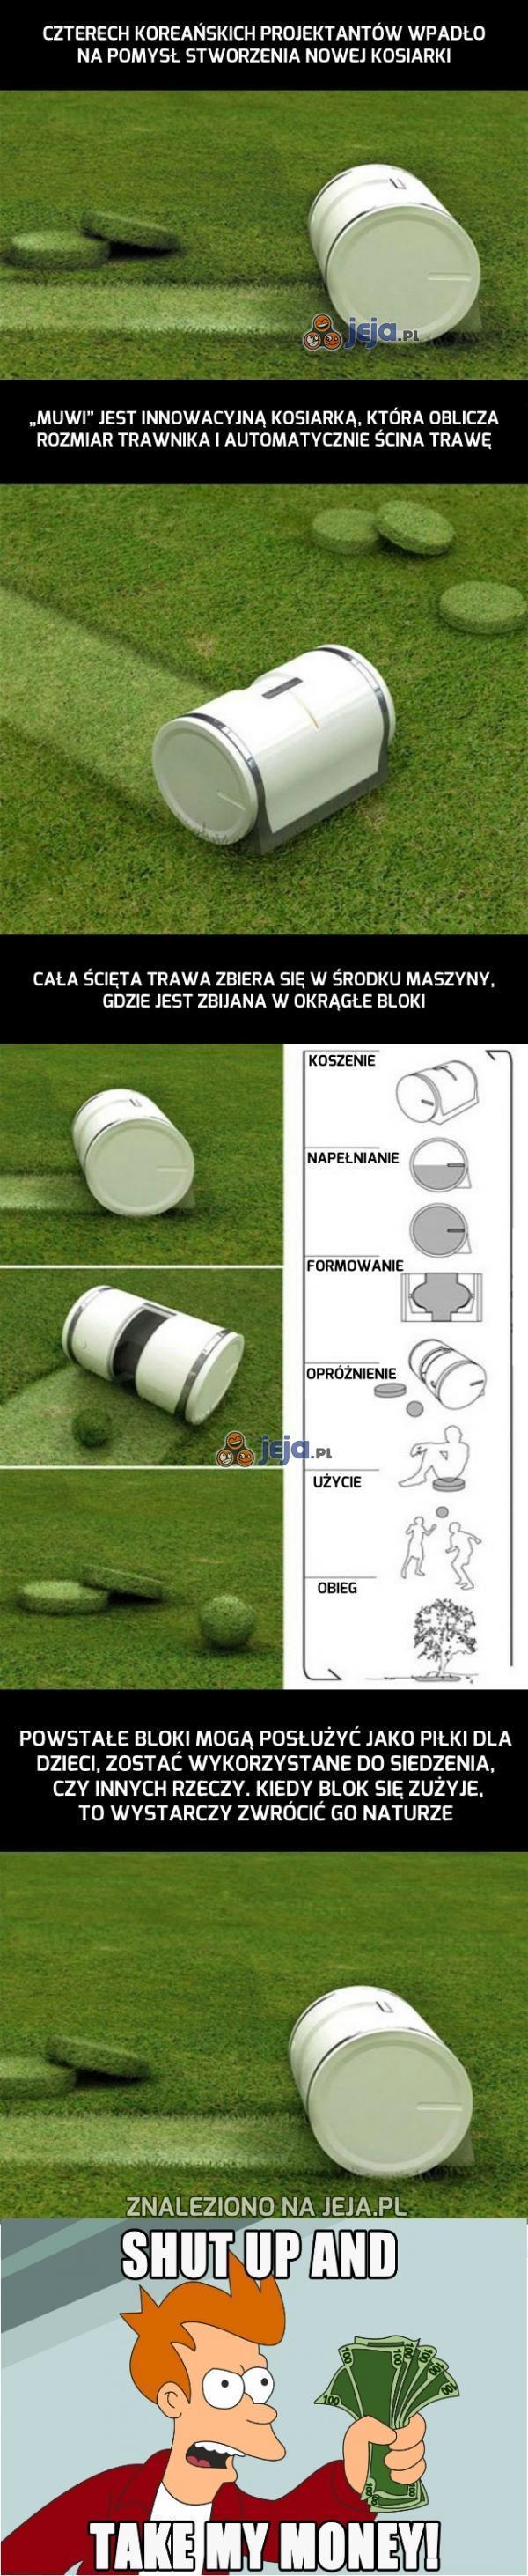 Innowacyjna kosiarka